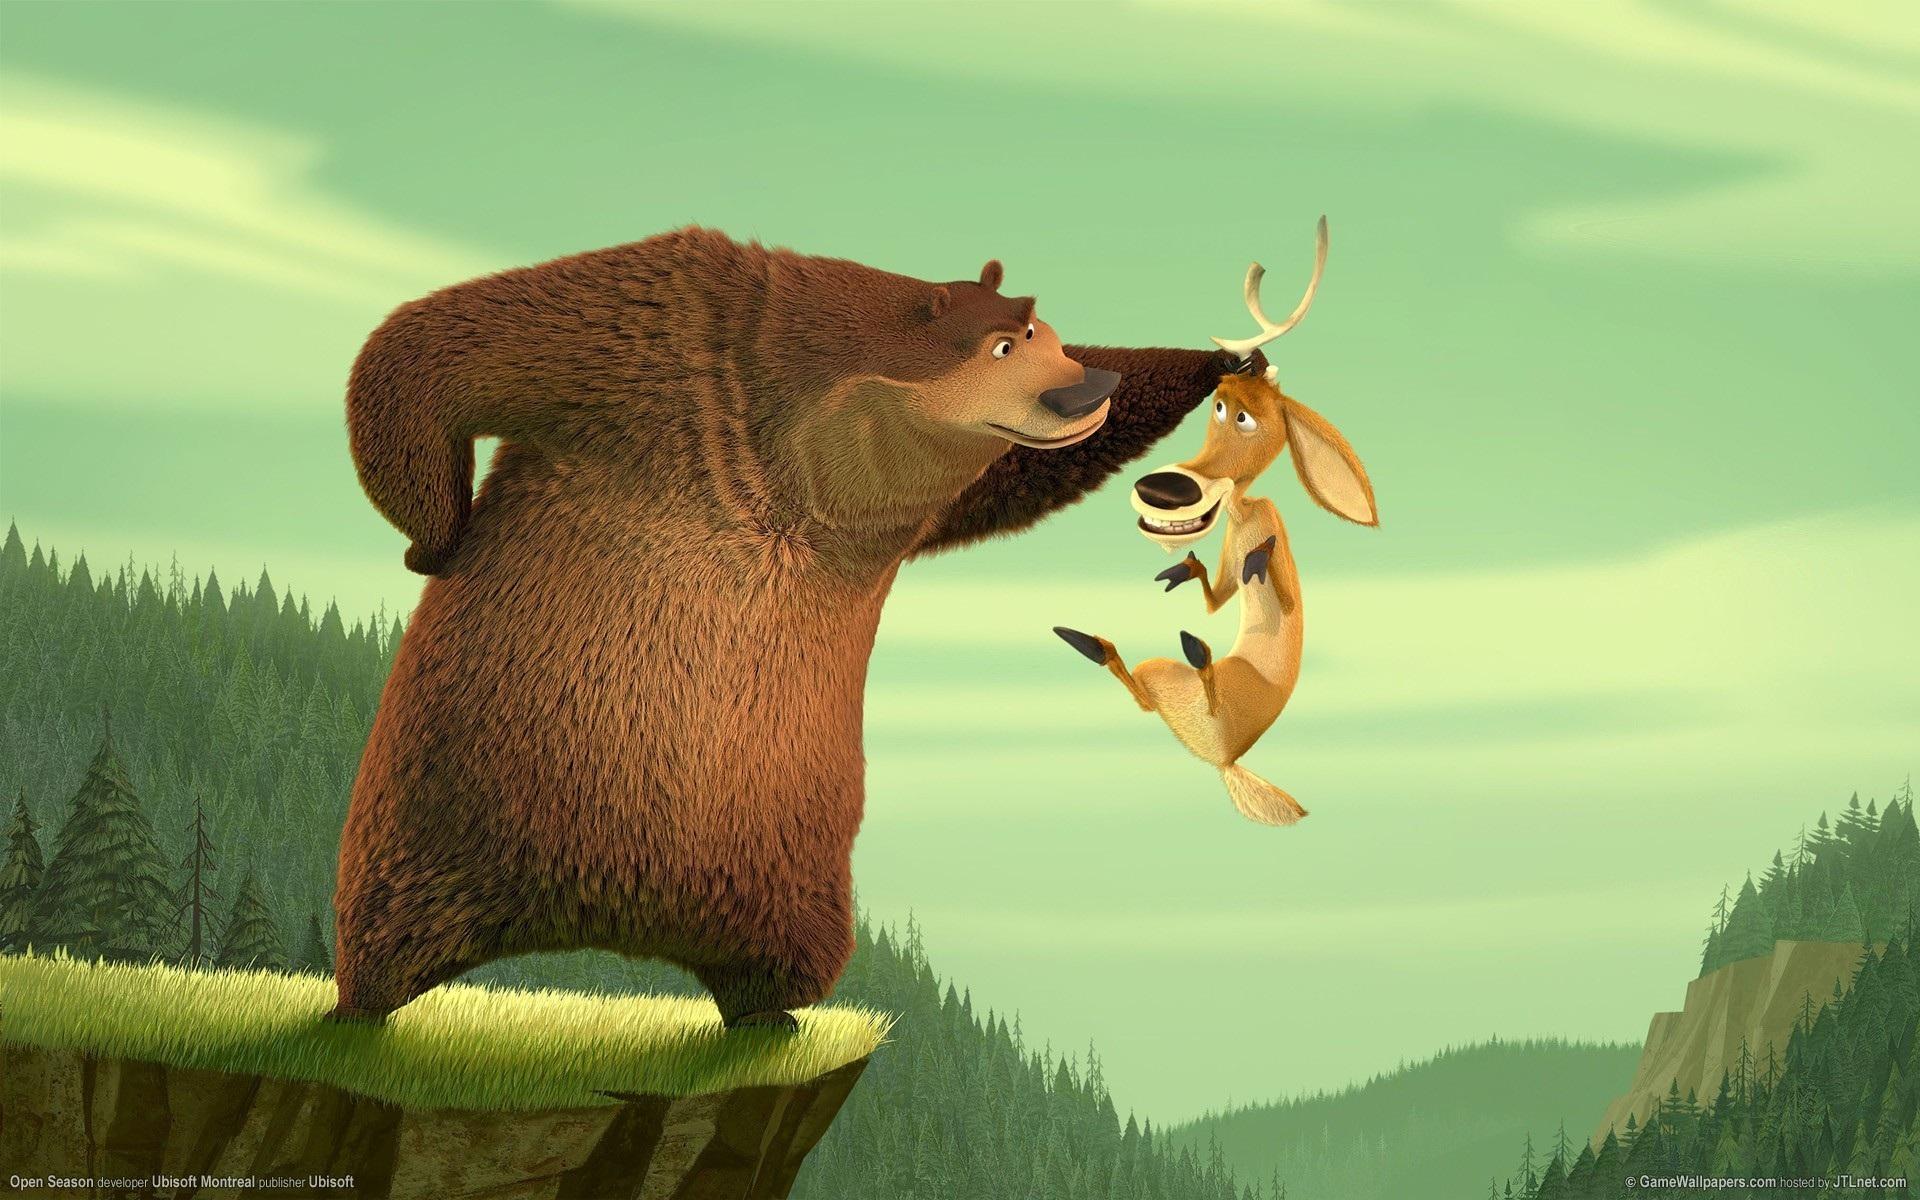 Open Season Bear Boog and Deer Elliot 20246 Good Wallpaperscom 1920x1200